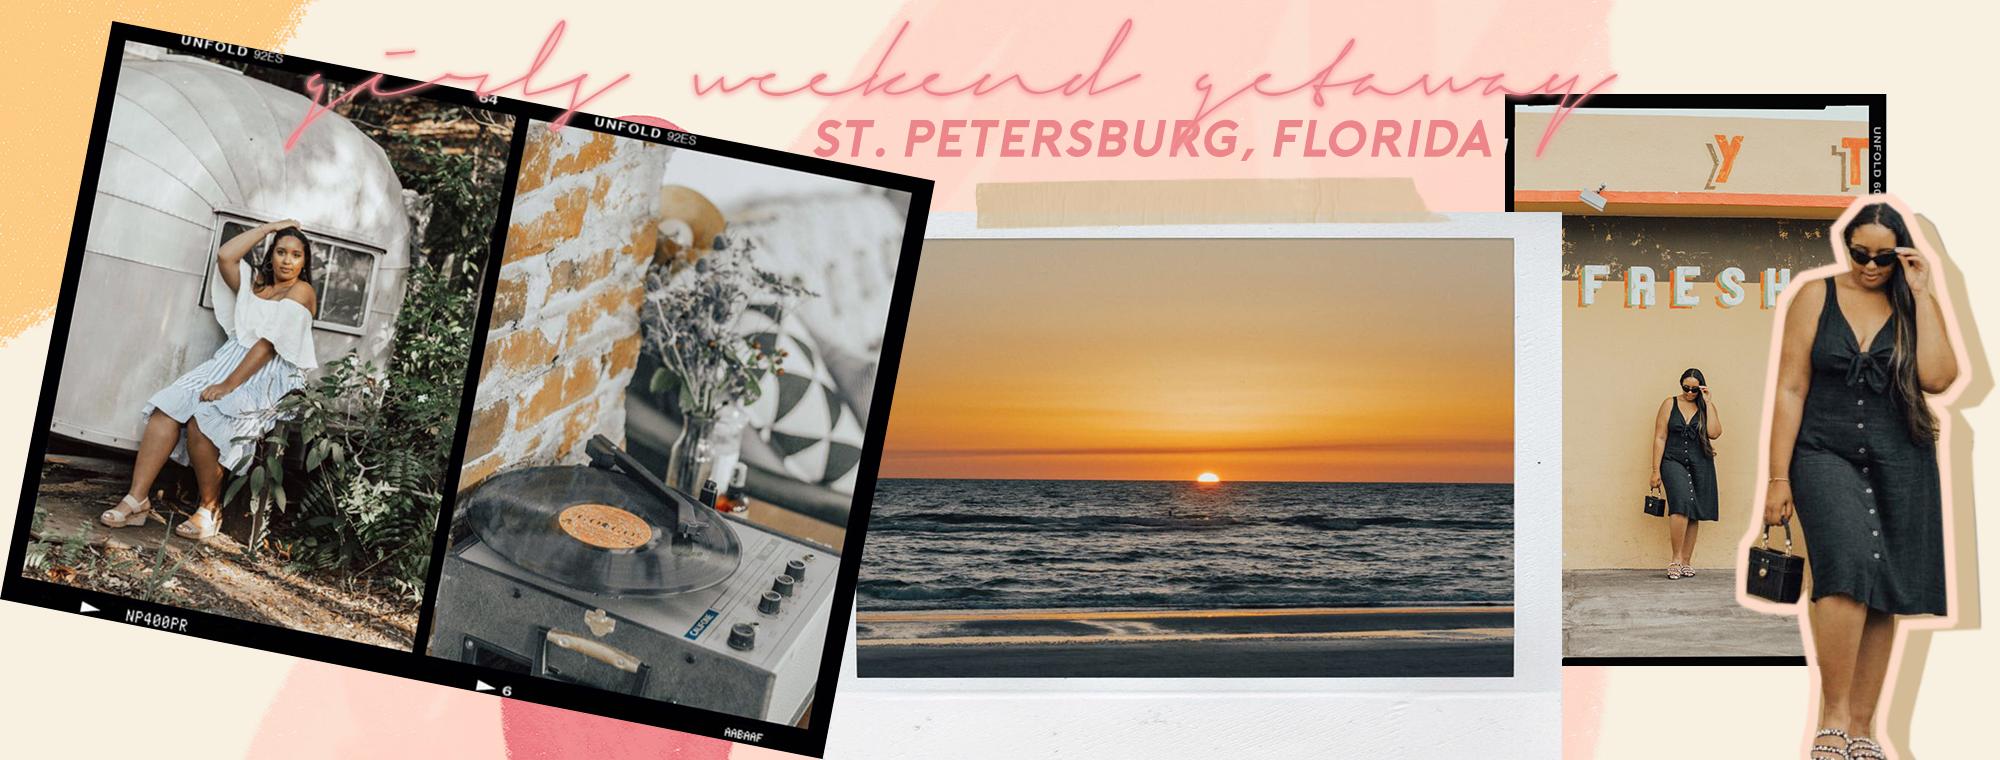 Girls Weekend Getaway: St. Petersburg, FL City Guide